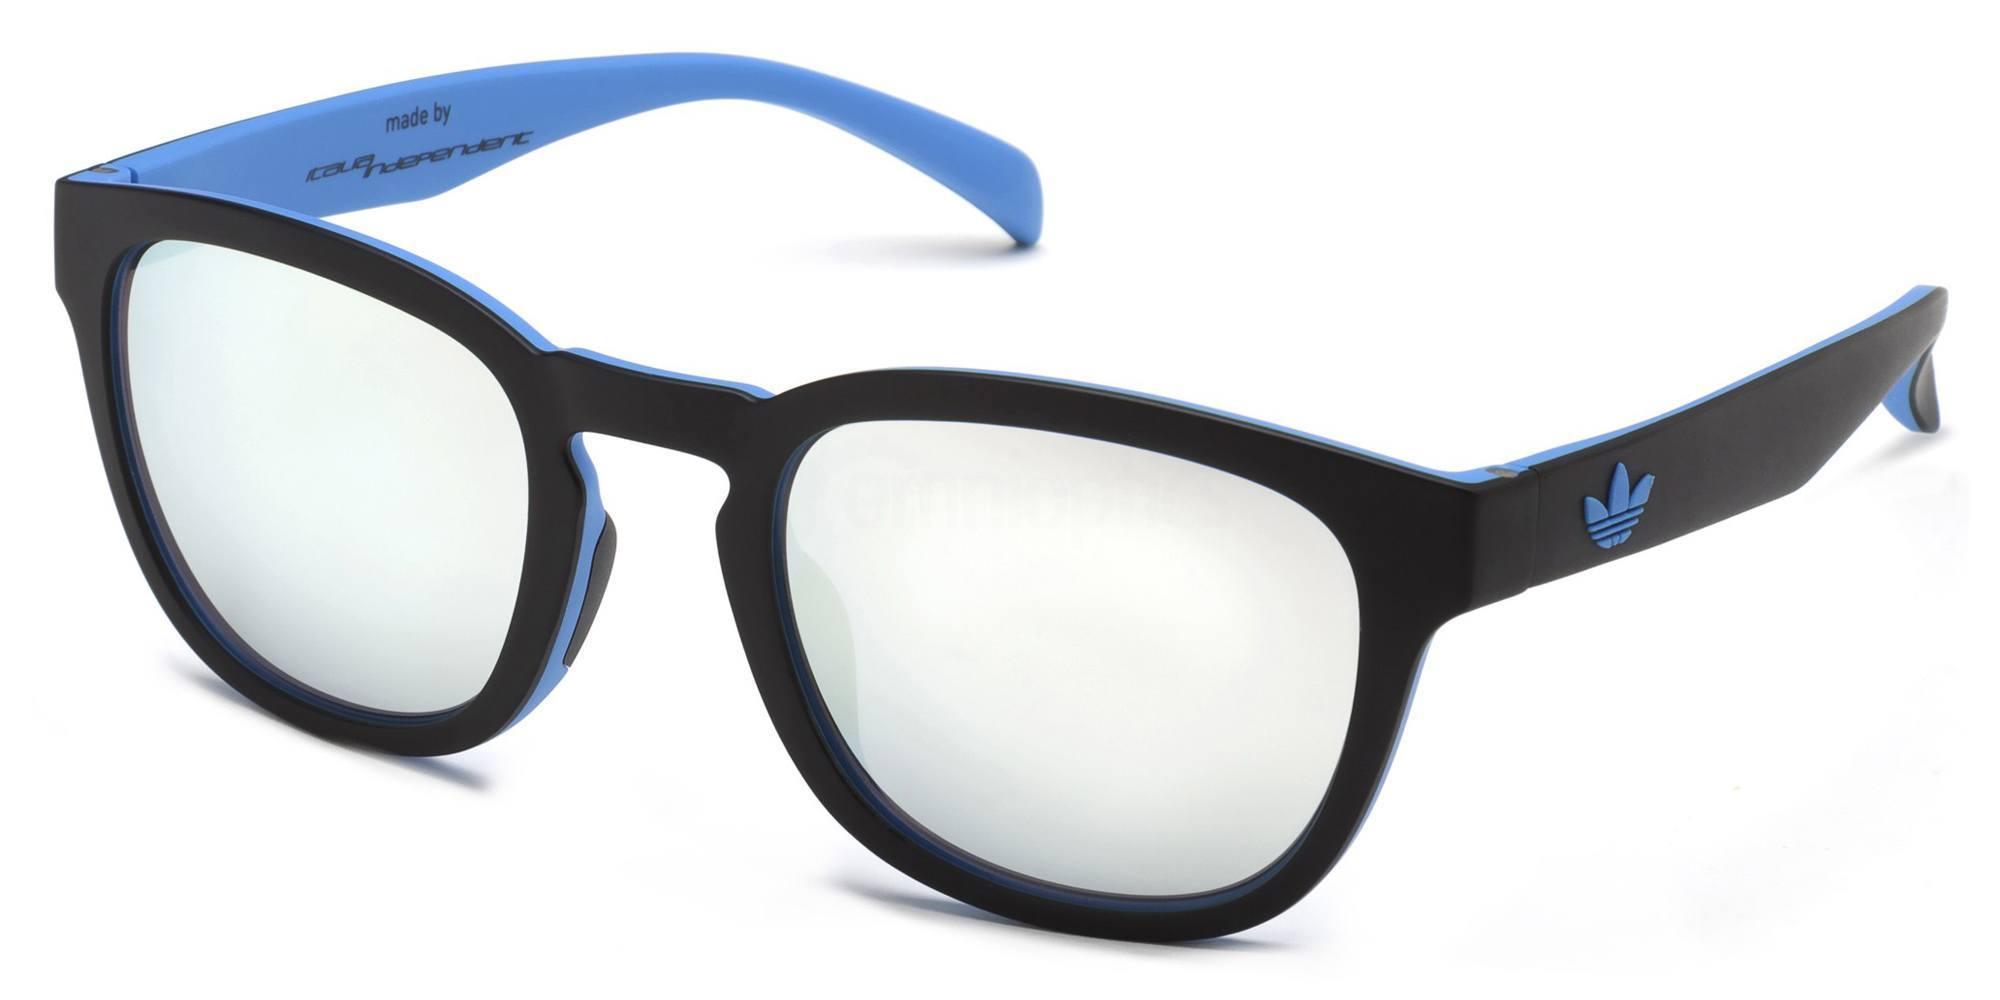 009.027 AOR001 Sunglasses, Adidas Originals